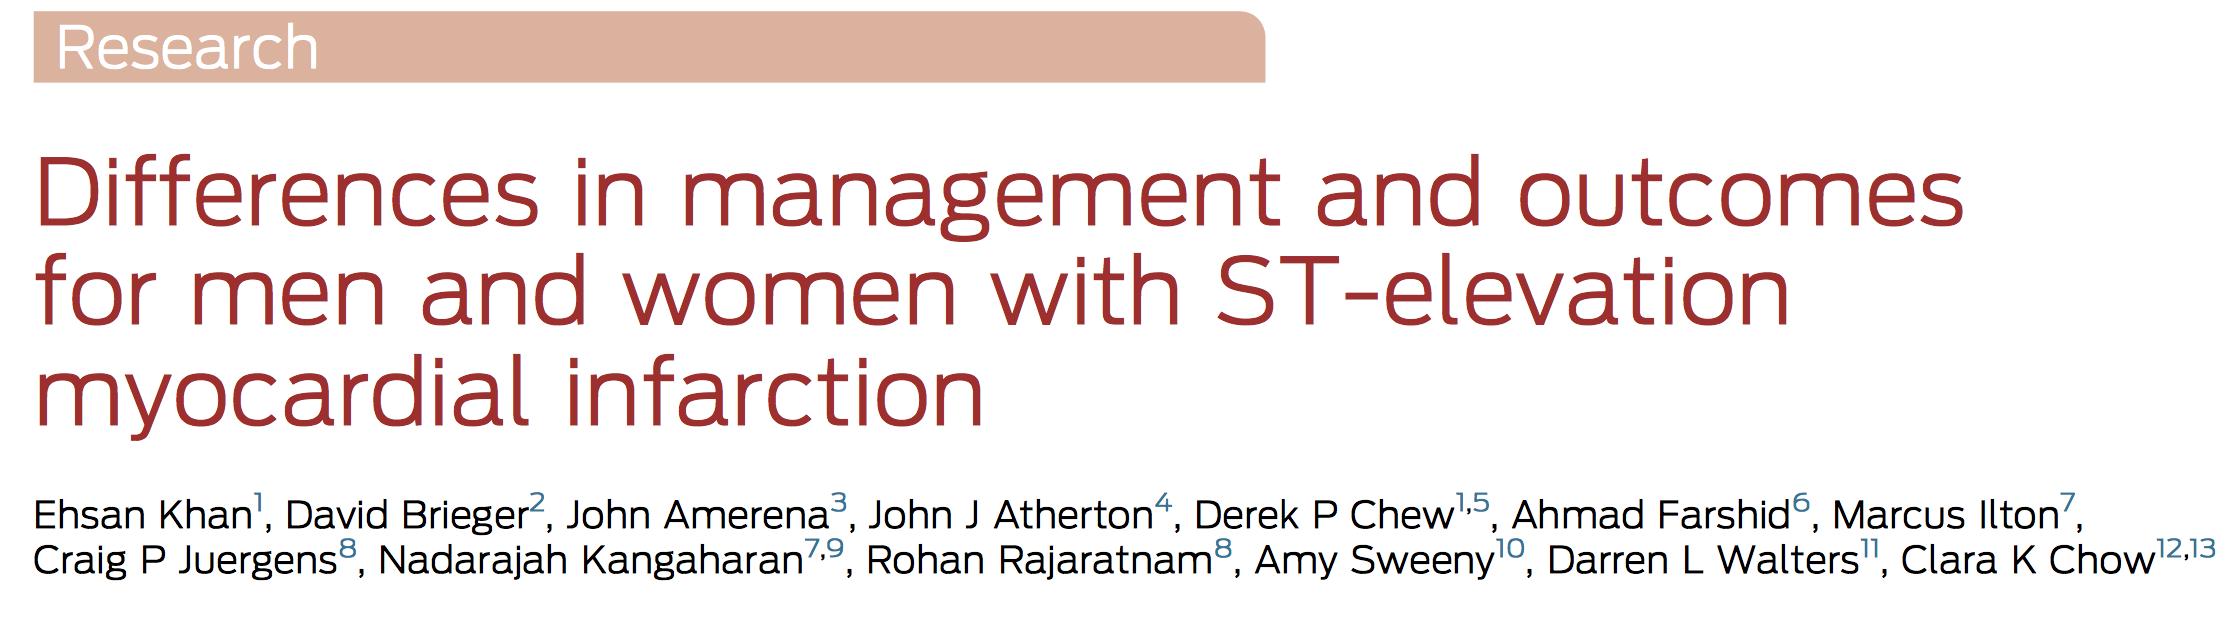 STEMI in women.png